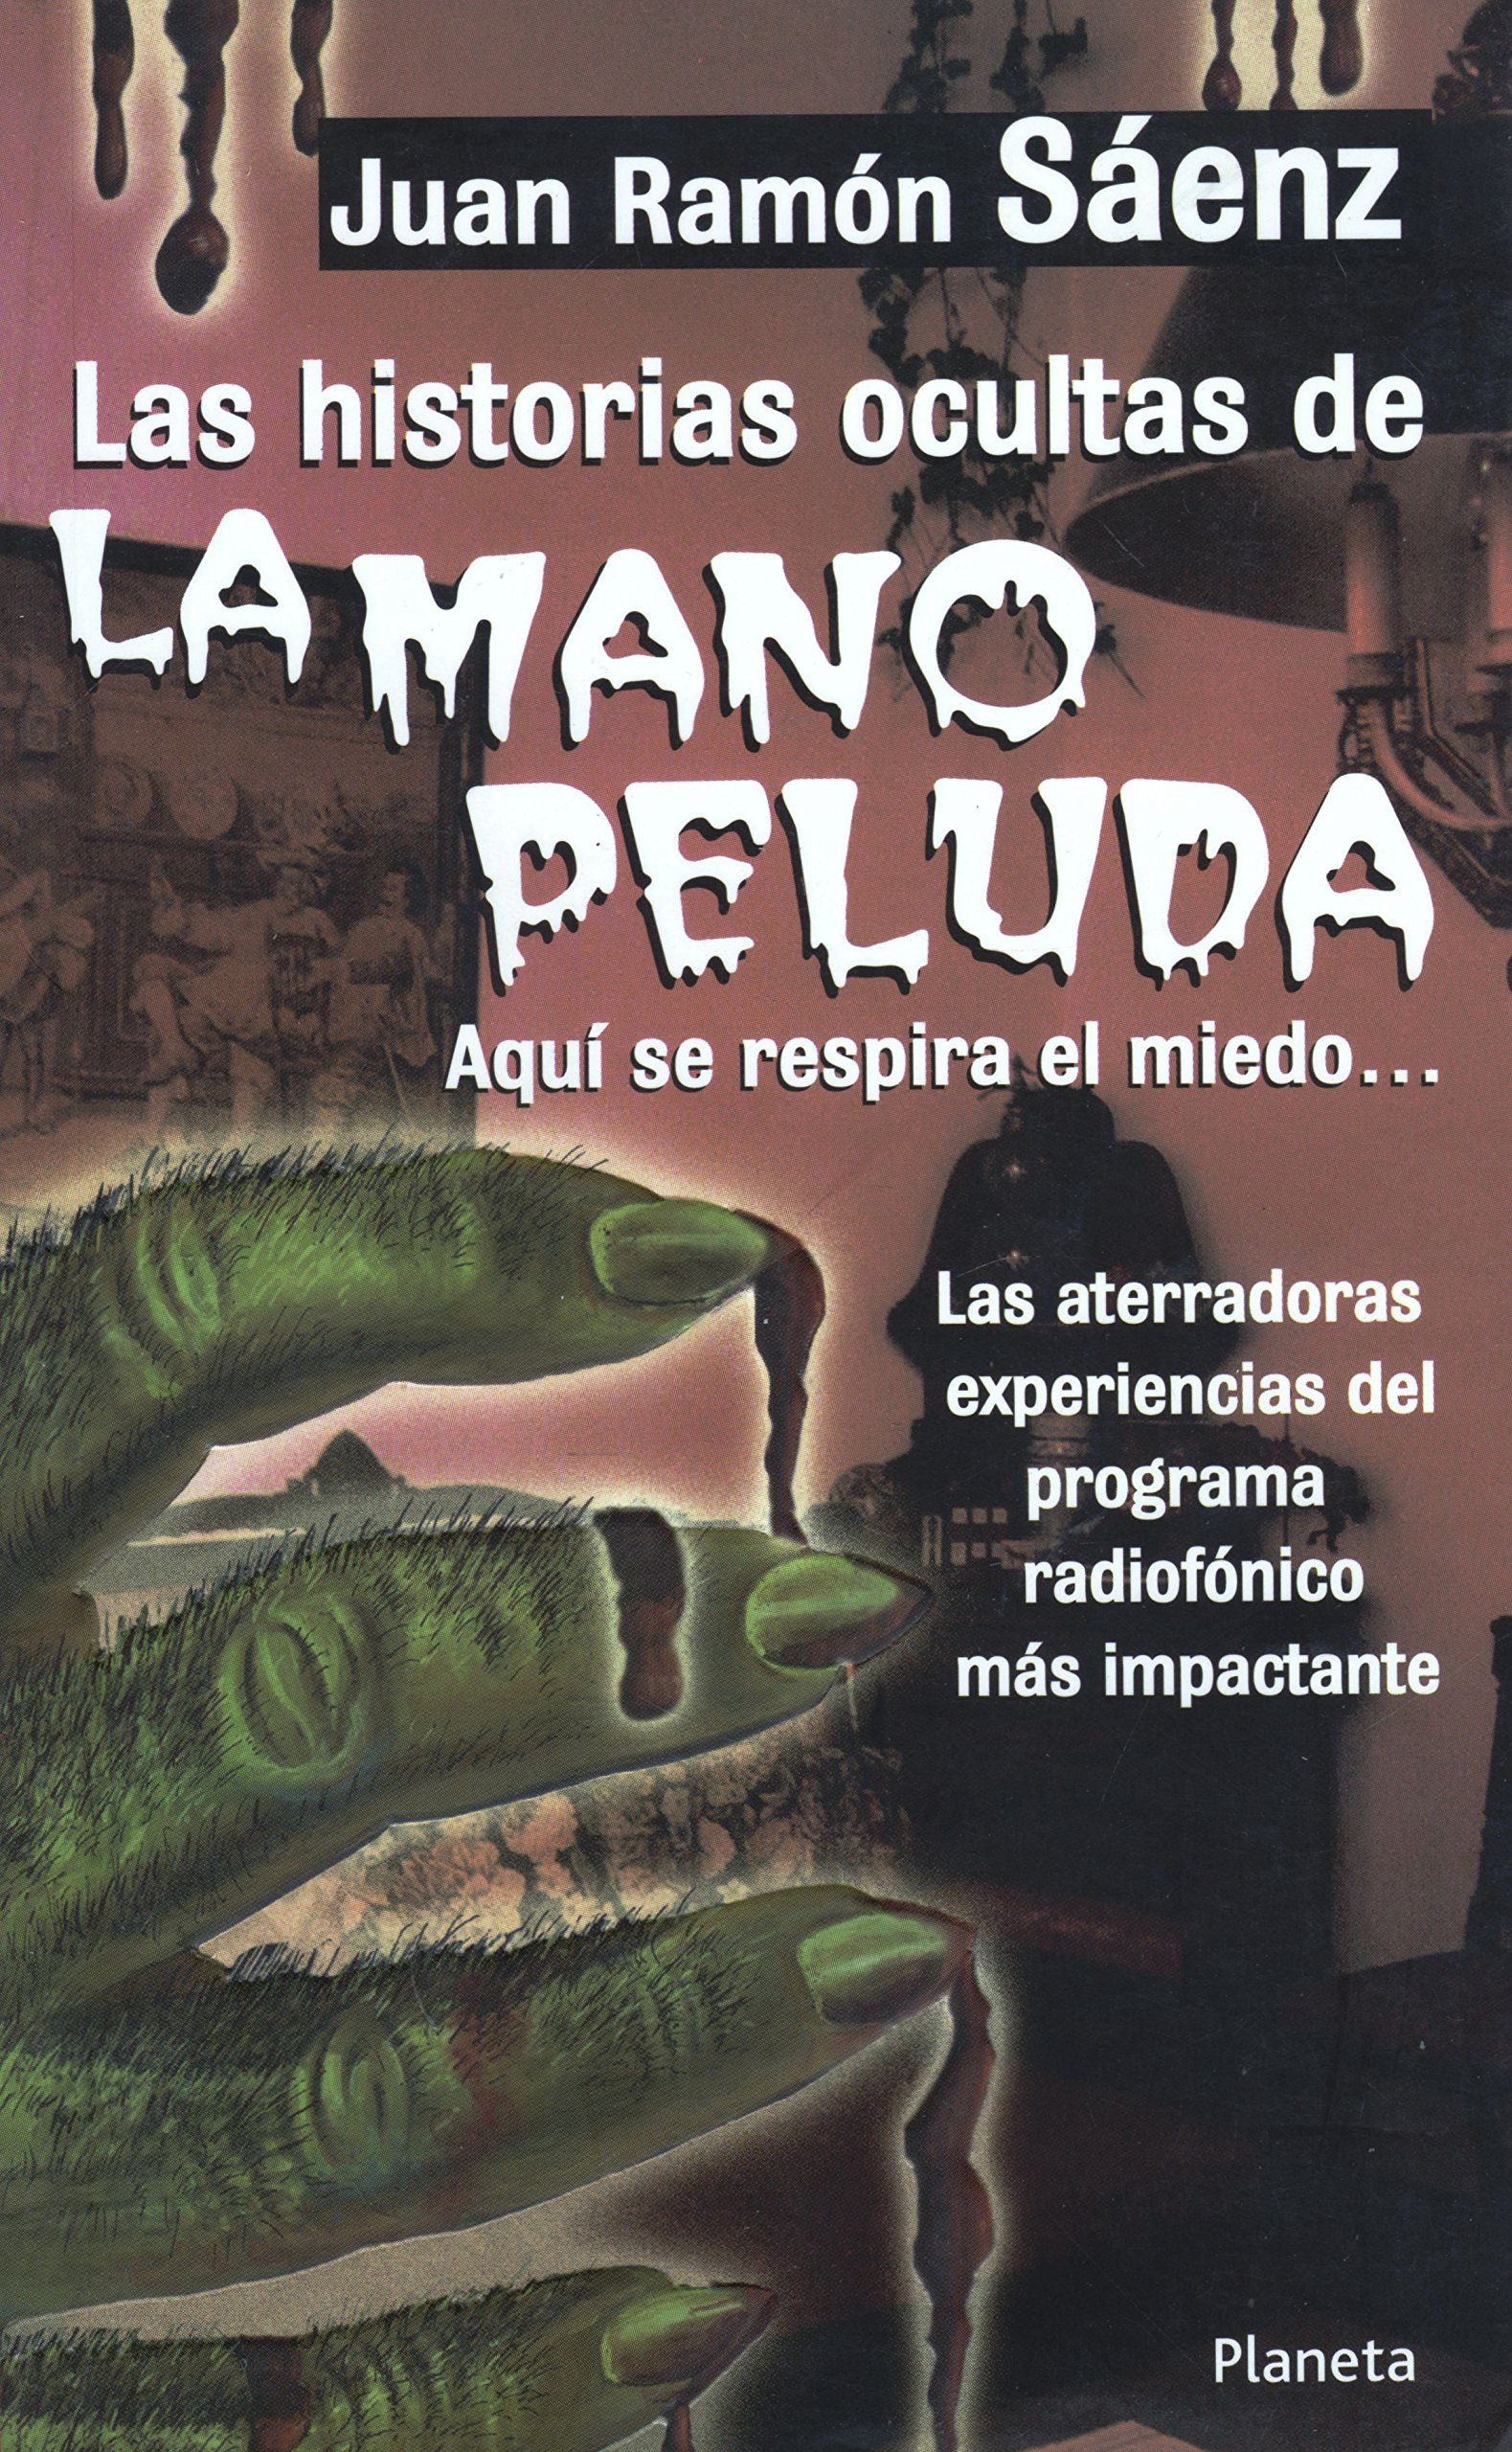 Amazon.com: Las Historias Ocultas De La Mano Peluda (Spanish Edition)  (9789703700226): Saenz, Juan Ramon: Books @tataya.com.mx